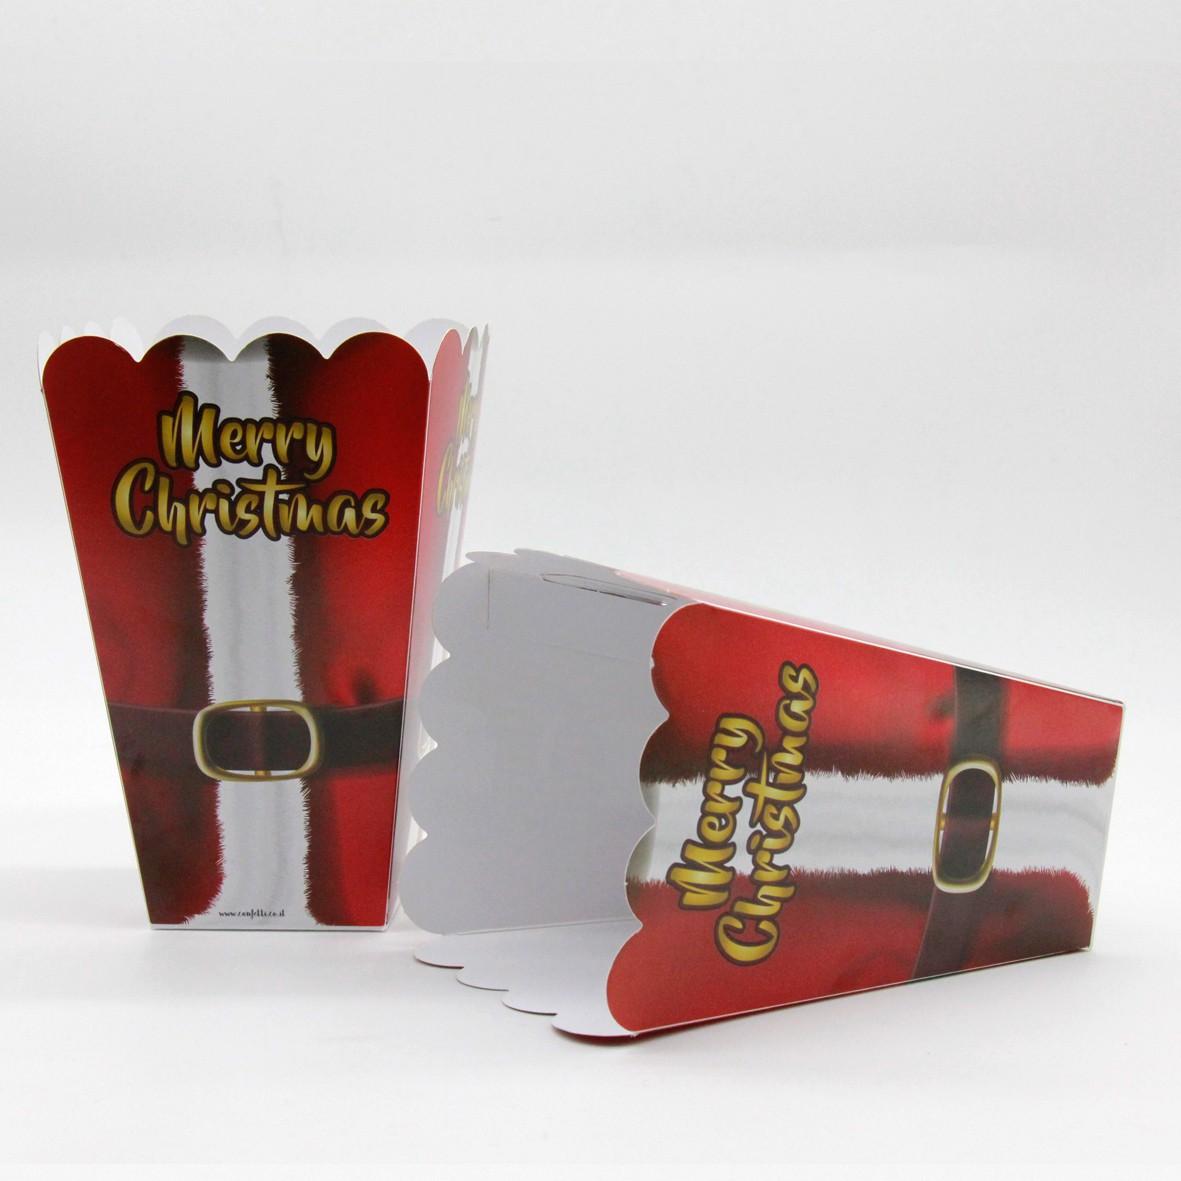 קופסאות פופקורן לחג המולד